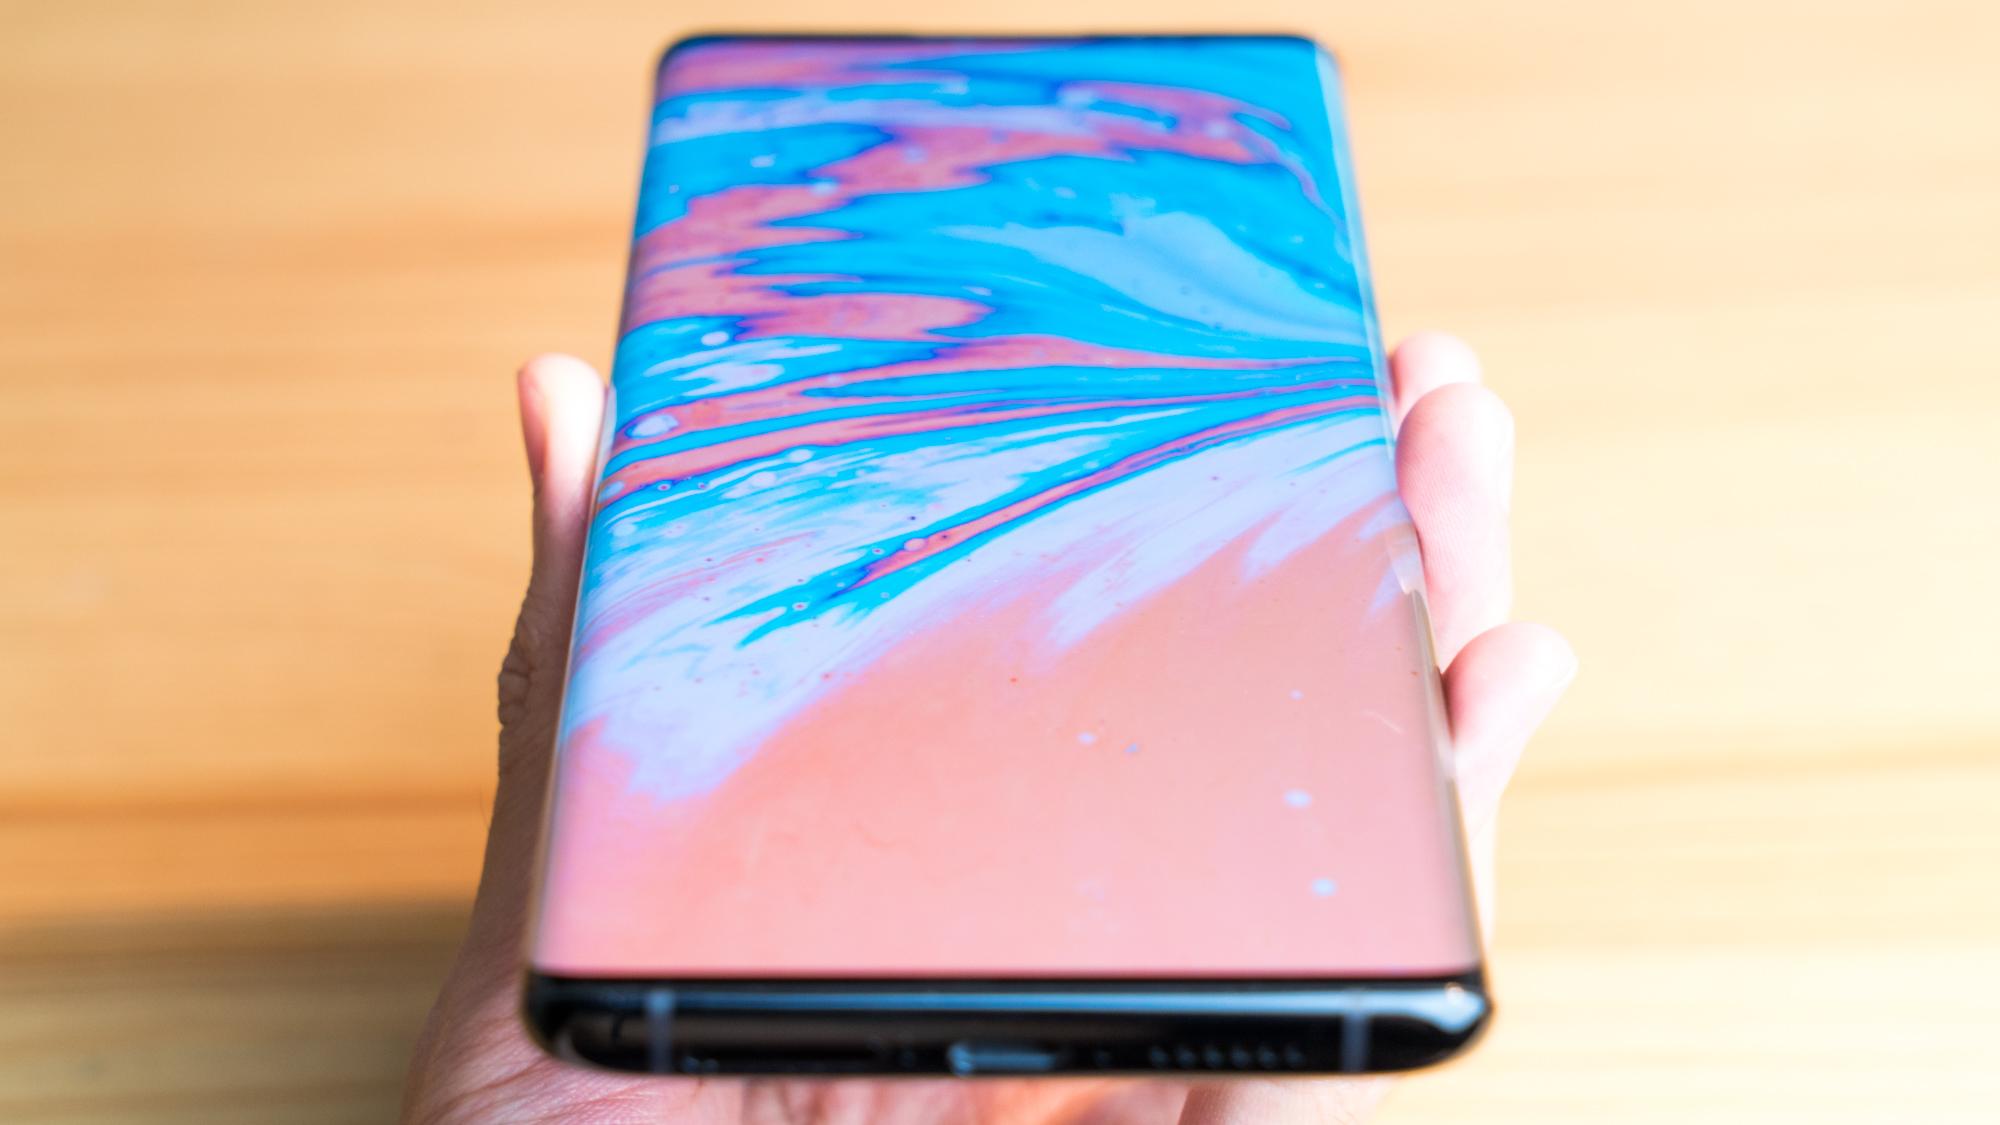 「瀑布屏」手机到底好不好用?